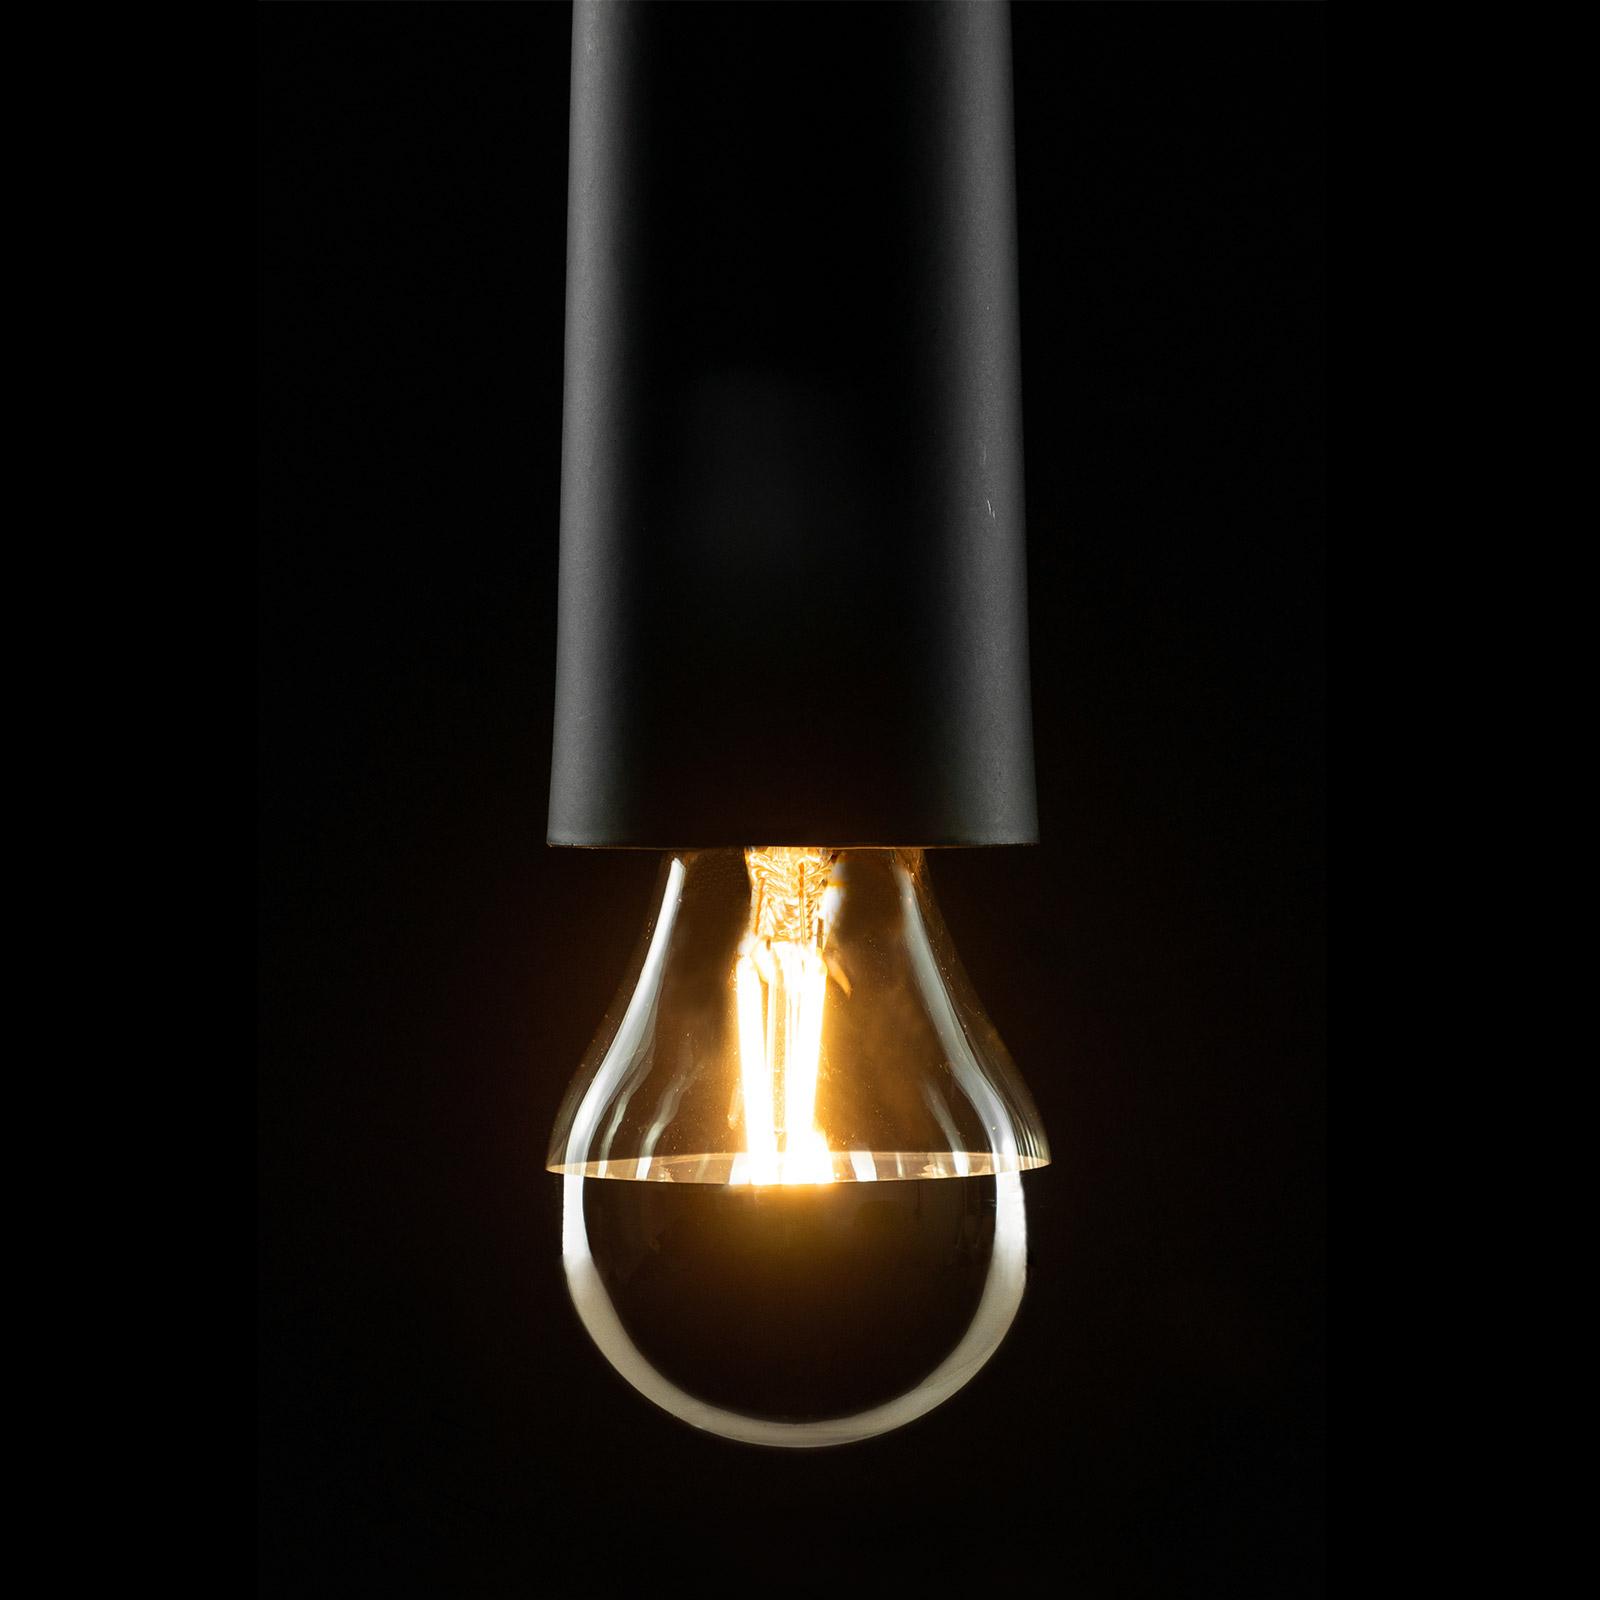 E14 2,7W LED-Leuchtmittel mit Spiegelkopf warmweiß